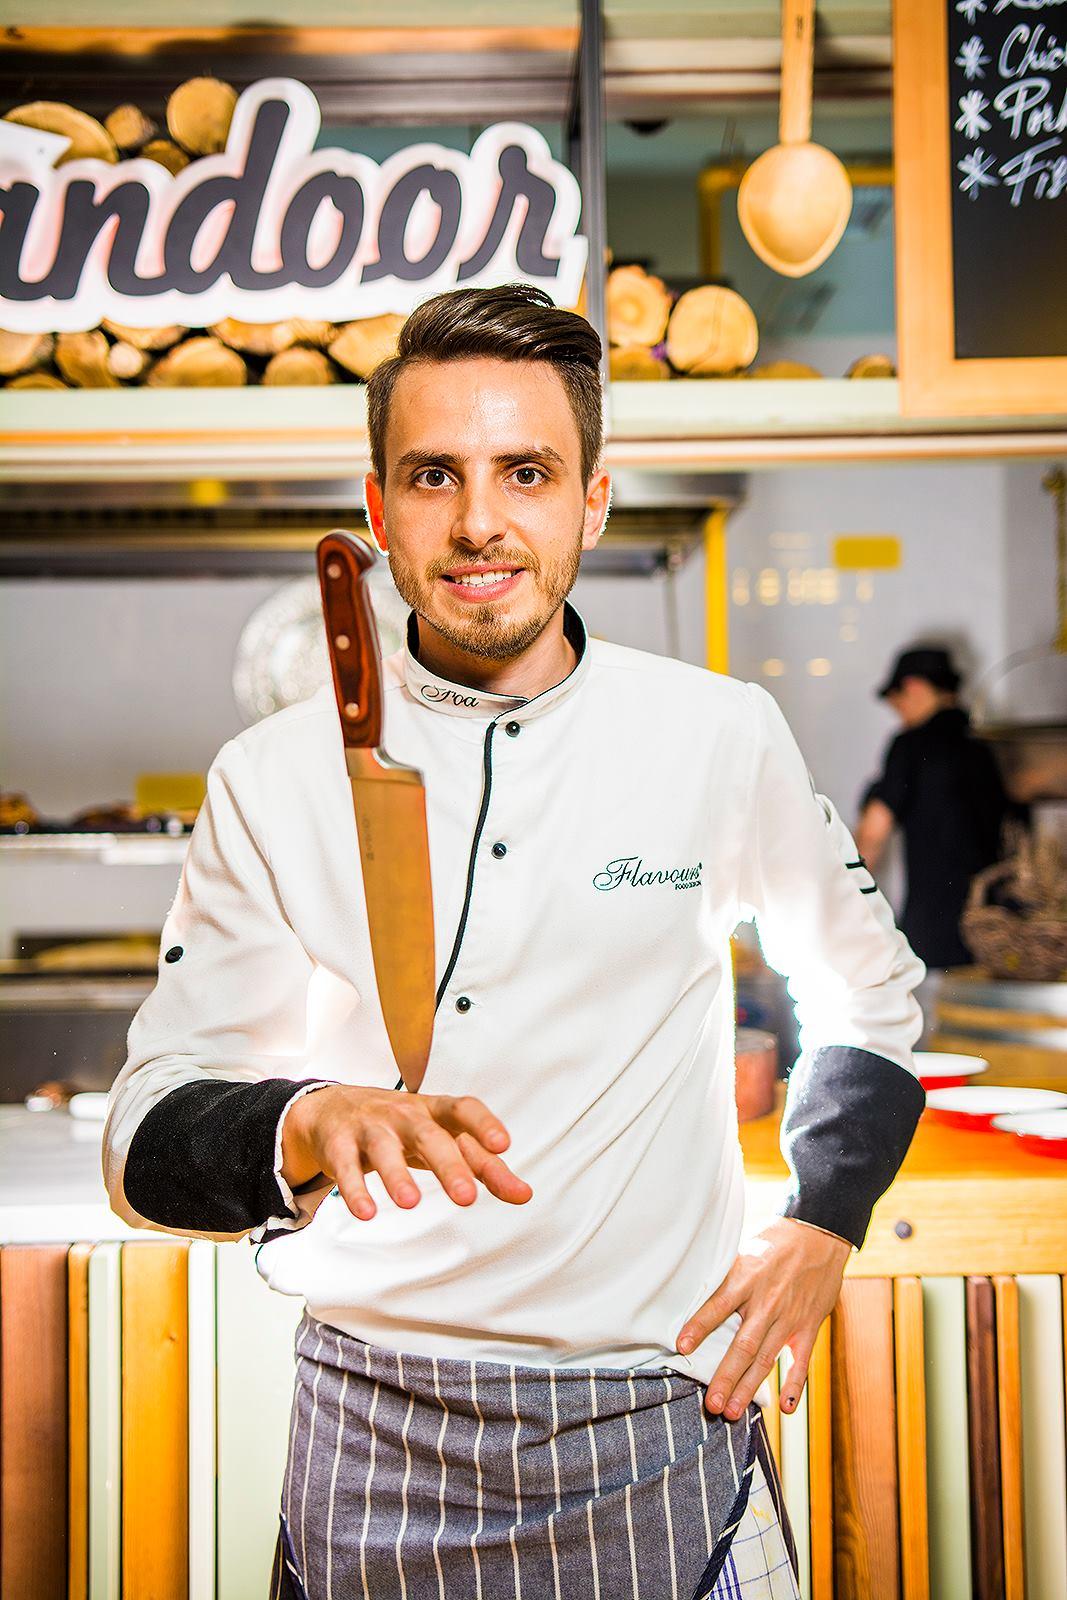 Stradale, restaurantul condus de Chef Foa, a atras peste 10.000 de clienți în prima lună și pregătește încă o premieră